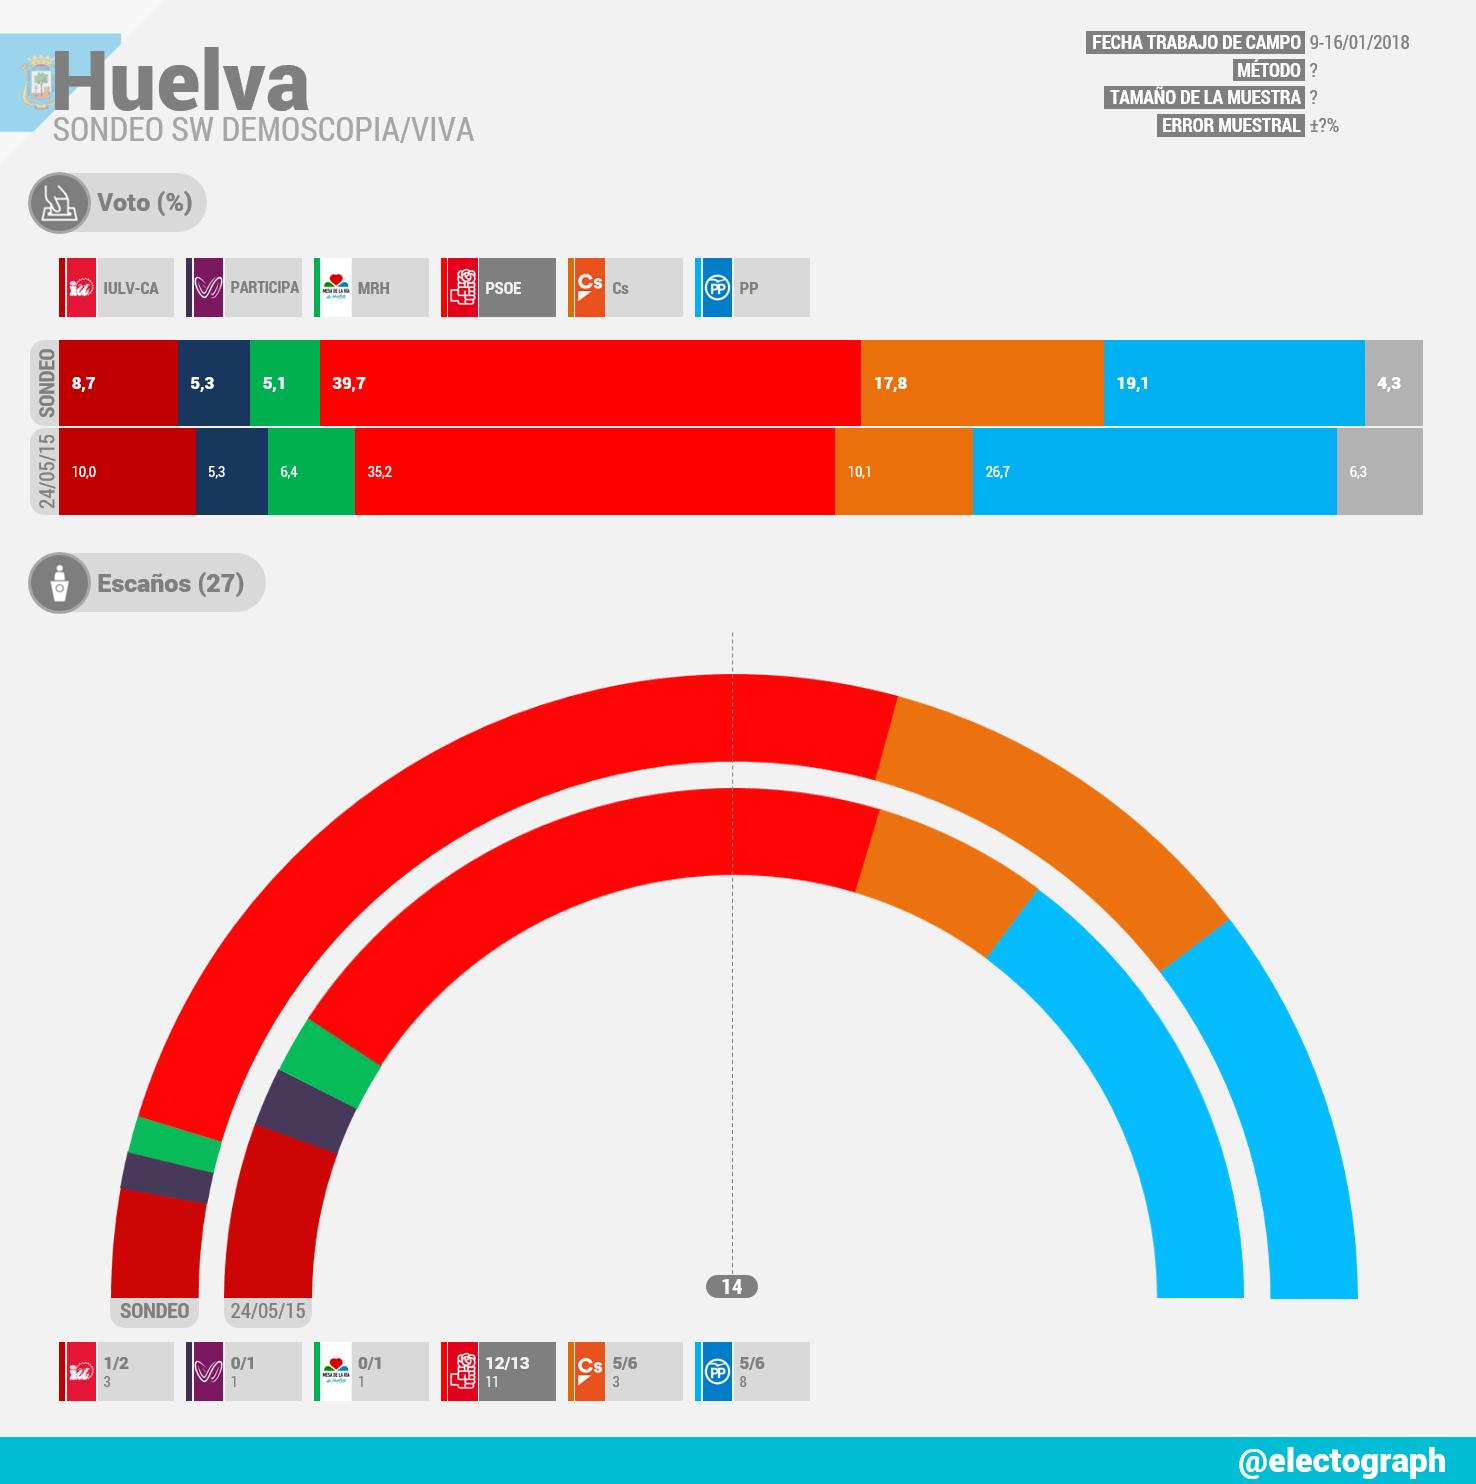 Gráfico de la encuesta para elecciones municipales en Huelva realizada por SW Demoscopia para Viva en enero de 2018